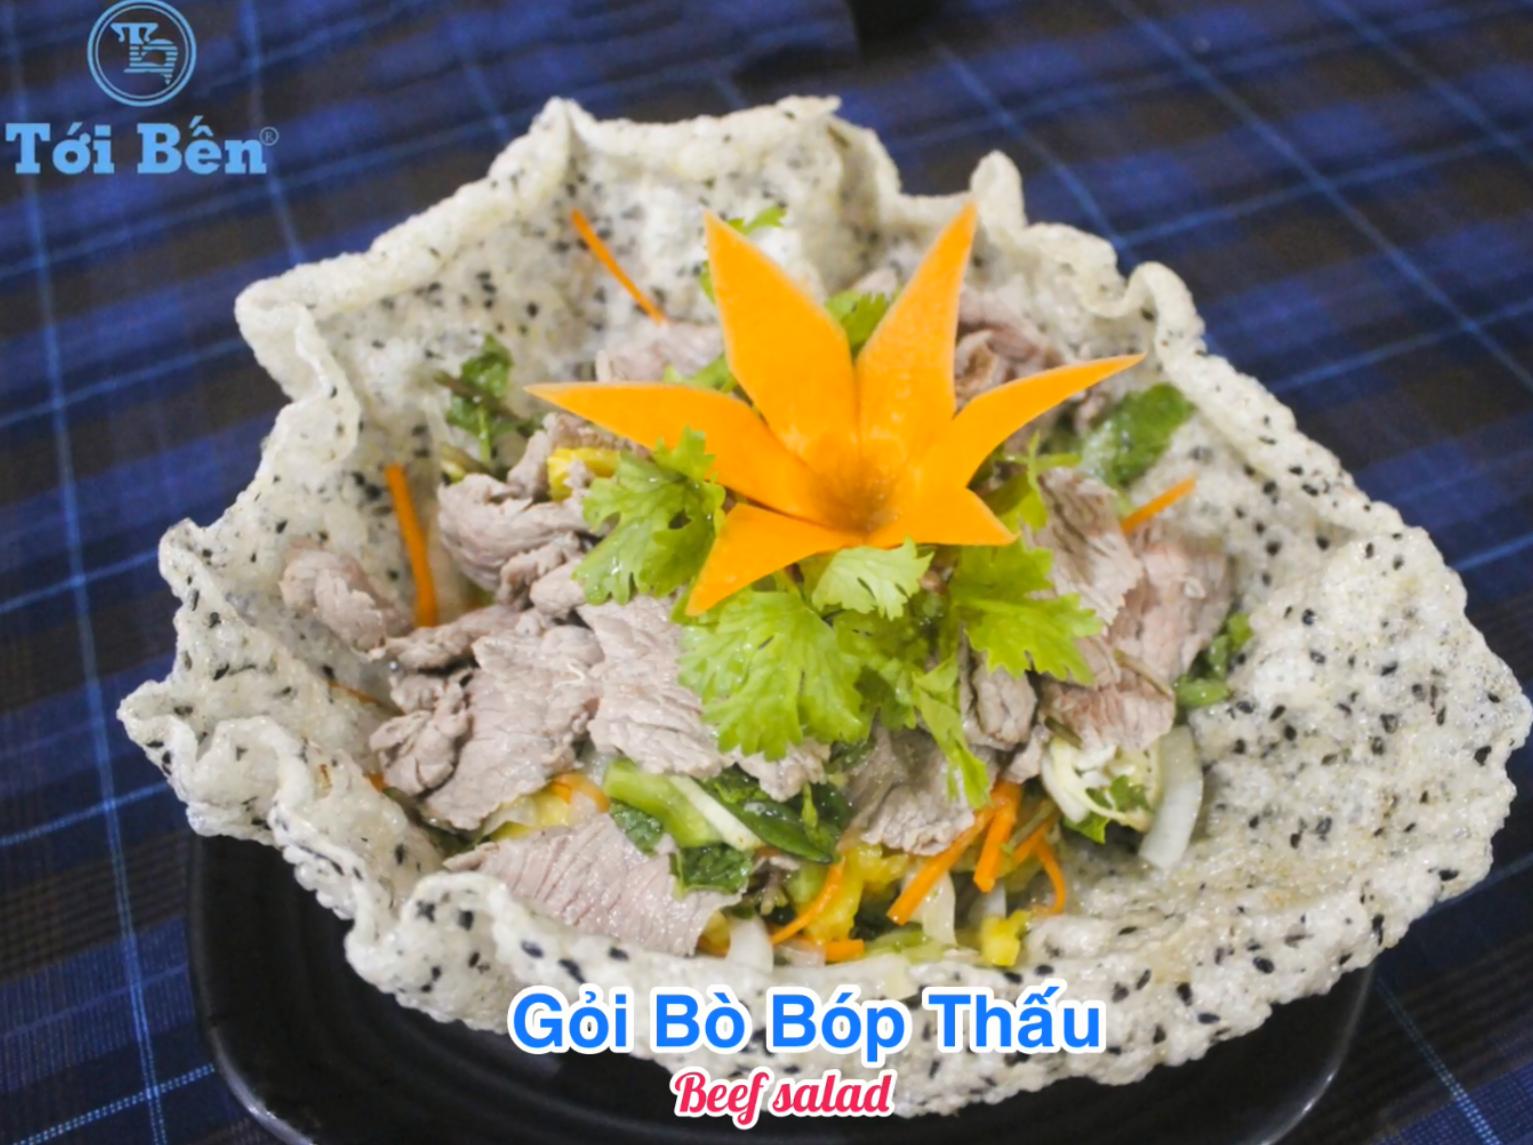 goibobopthau